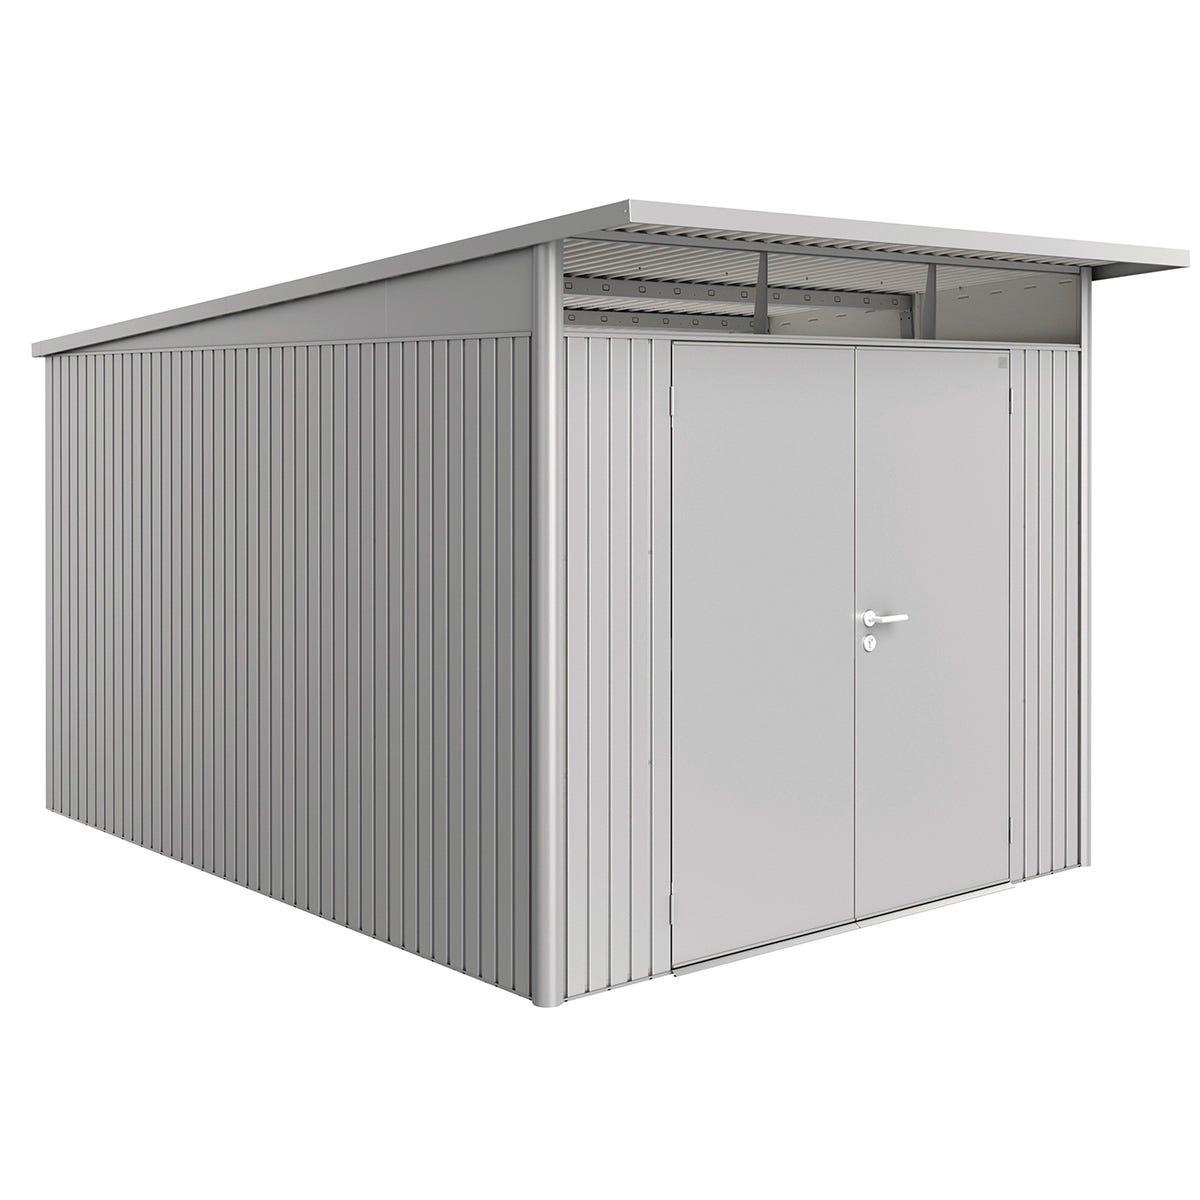 Biohort AvantGarde Metal Shed A8 Double door 8' 5'' x 12' 4'' - Metallic Silver